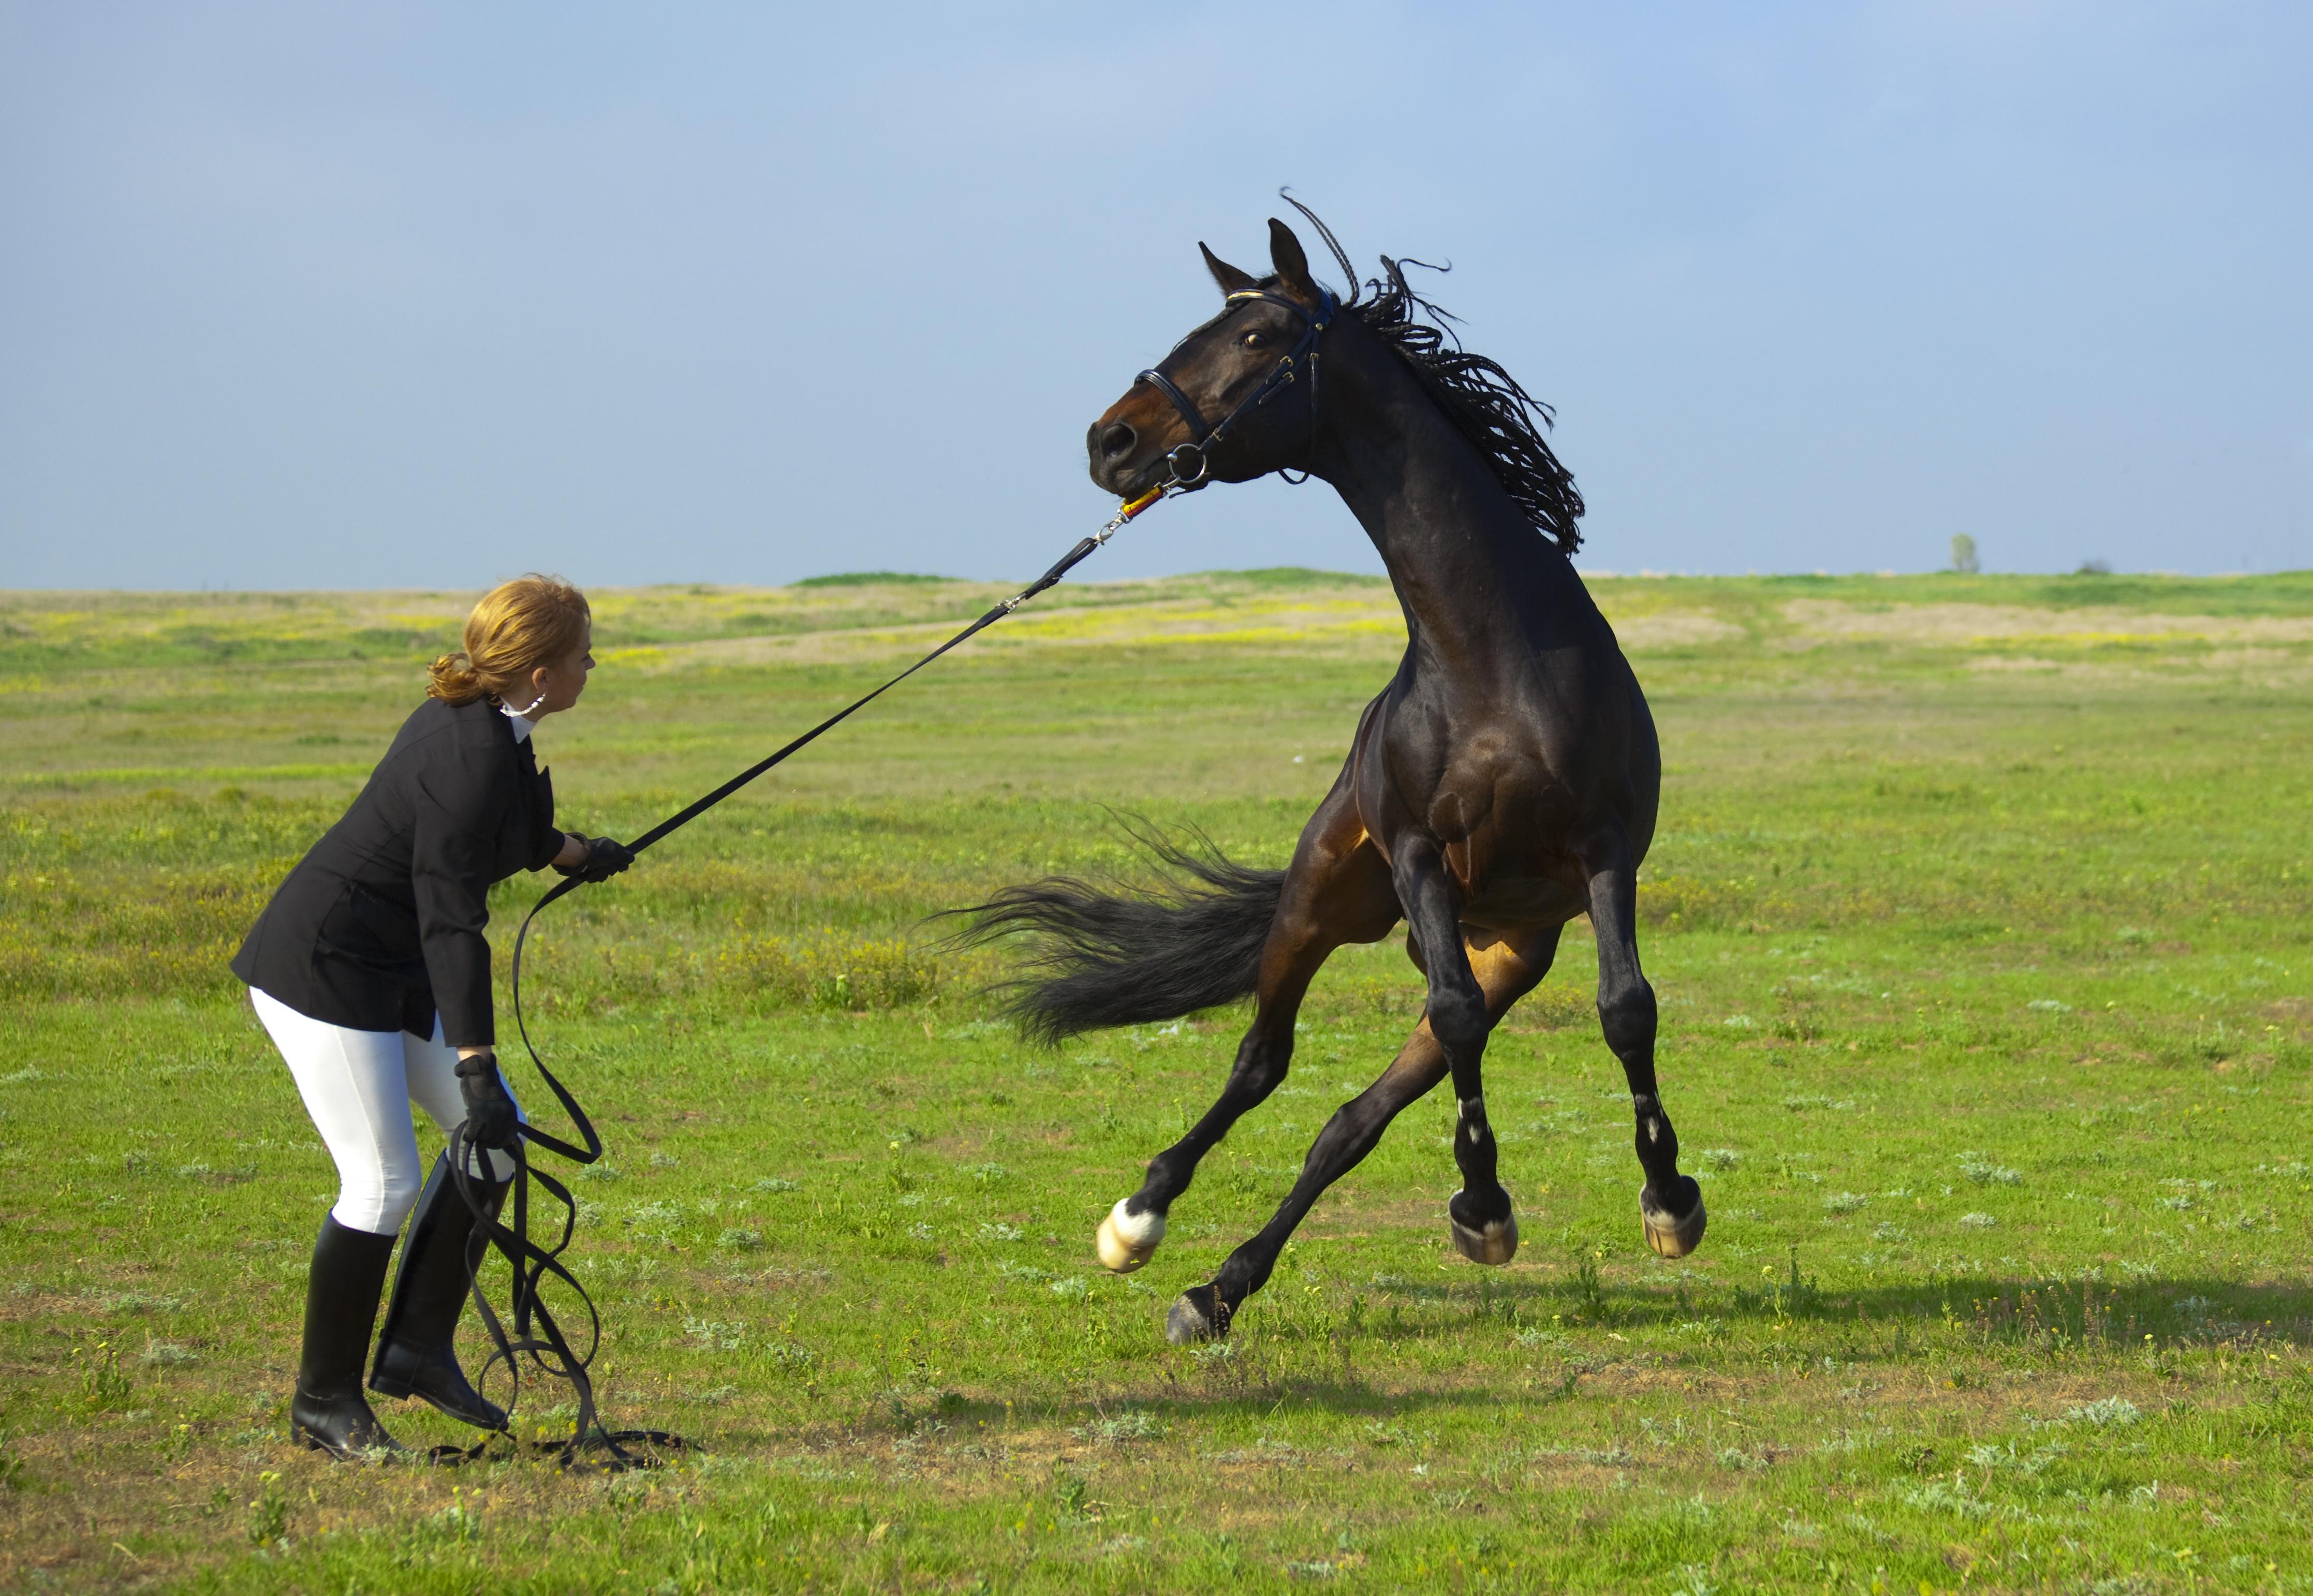 A Redmond Story: Daily Gold Supplement Made Demri's Horse Calmer